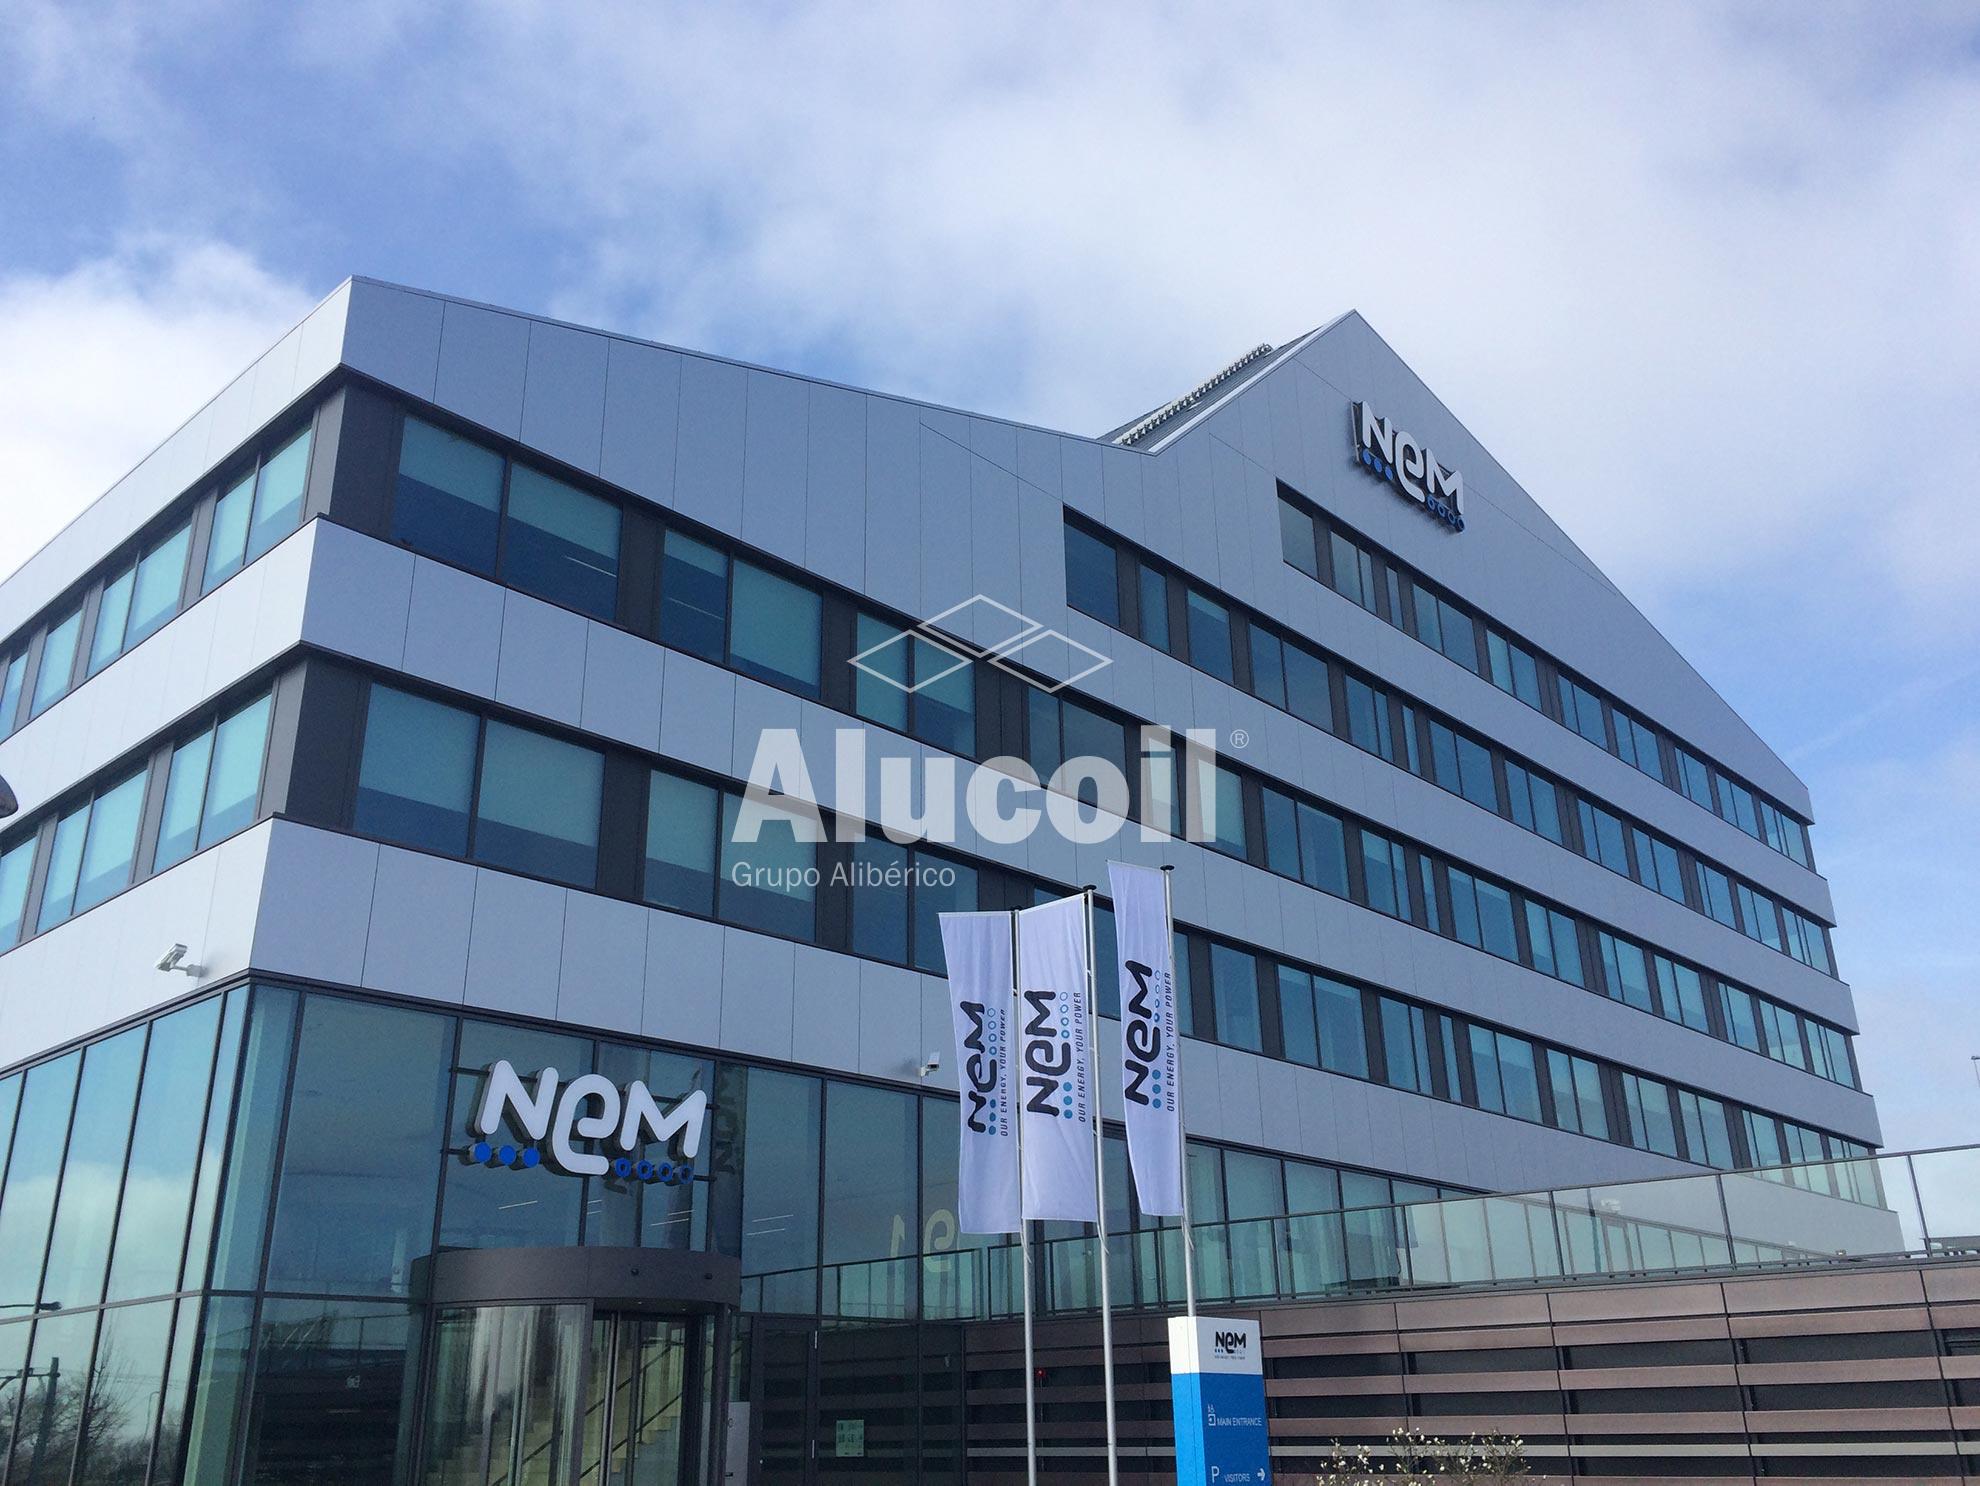 NEM Headquarters